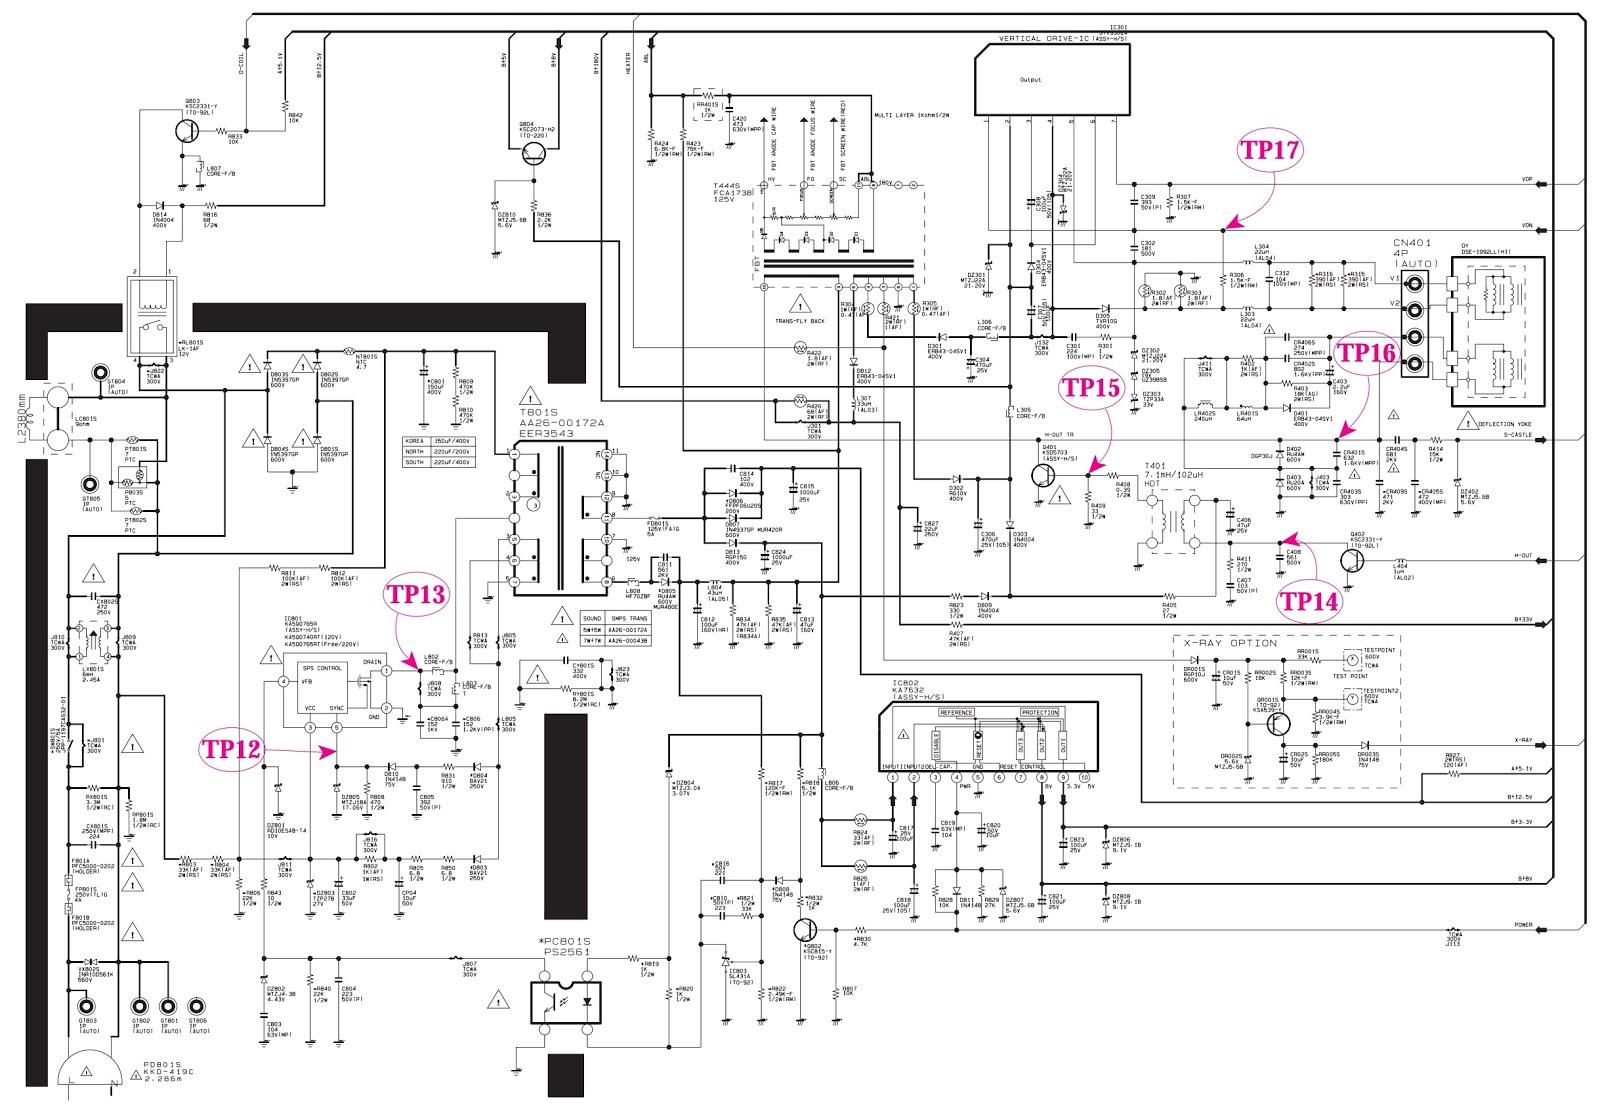 Pioneer Deh P6400 Wiring Diagram from schematron.org